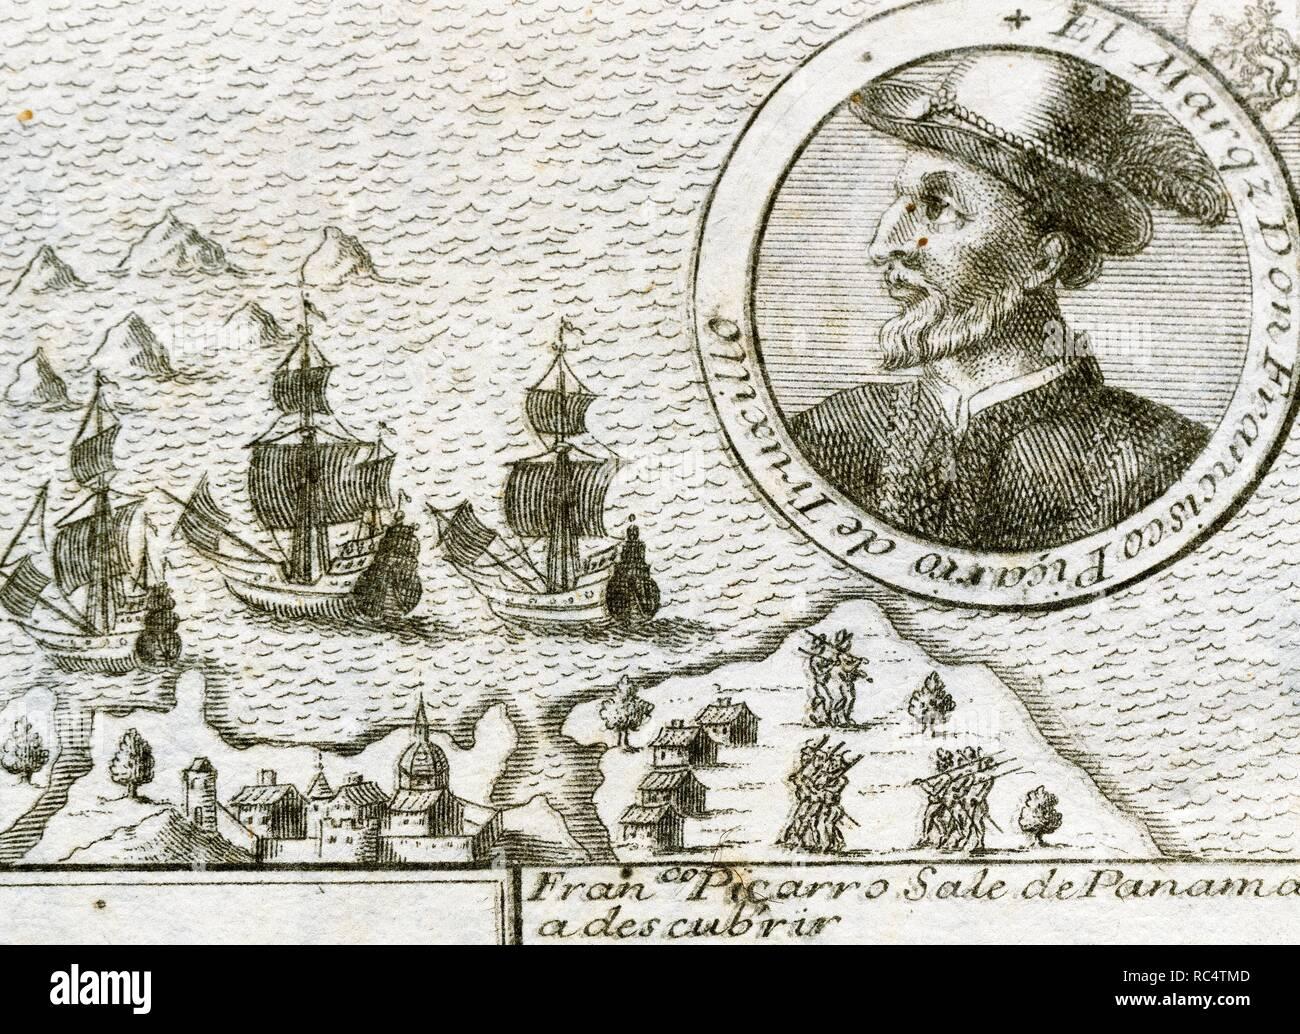 Francisco Pizarro y Gonzalez, 1 los Atabillos (c.1471 oder 1476-1541). Spanische Eroberer des Inkareiches und Gründer von Lima. Peru. Pizarro von Panama in Richtung Süden. Gravur, 1726. Stockfoto